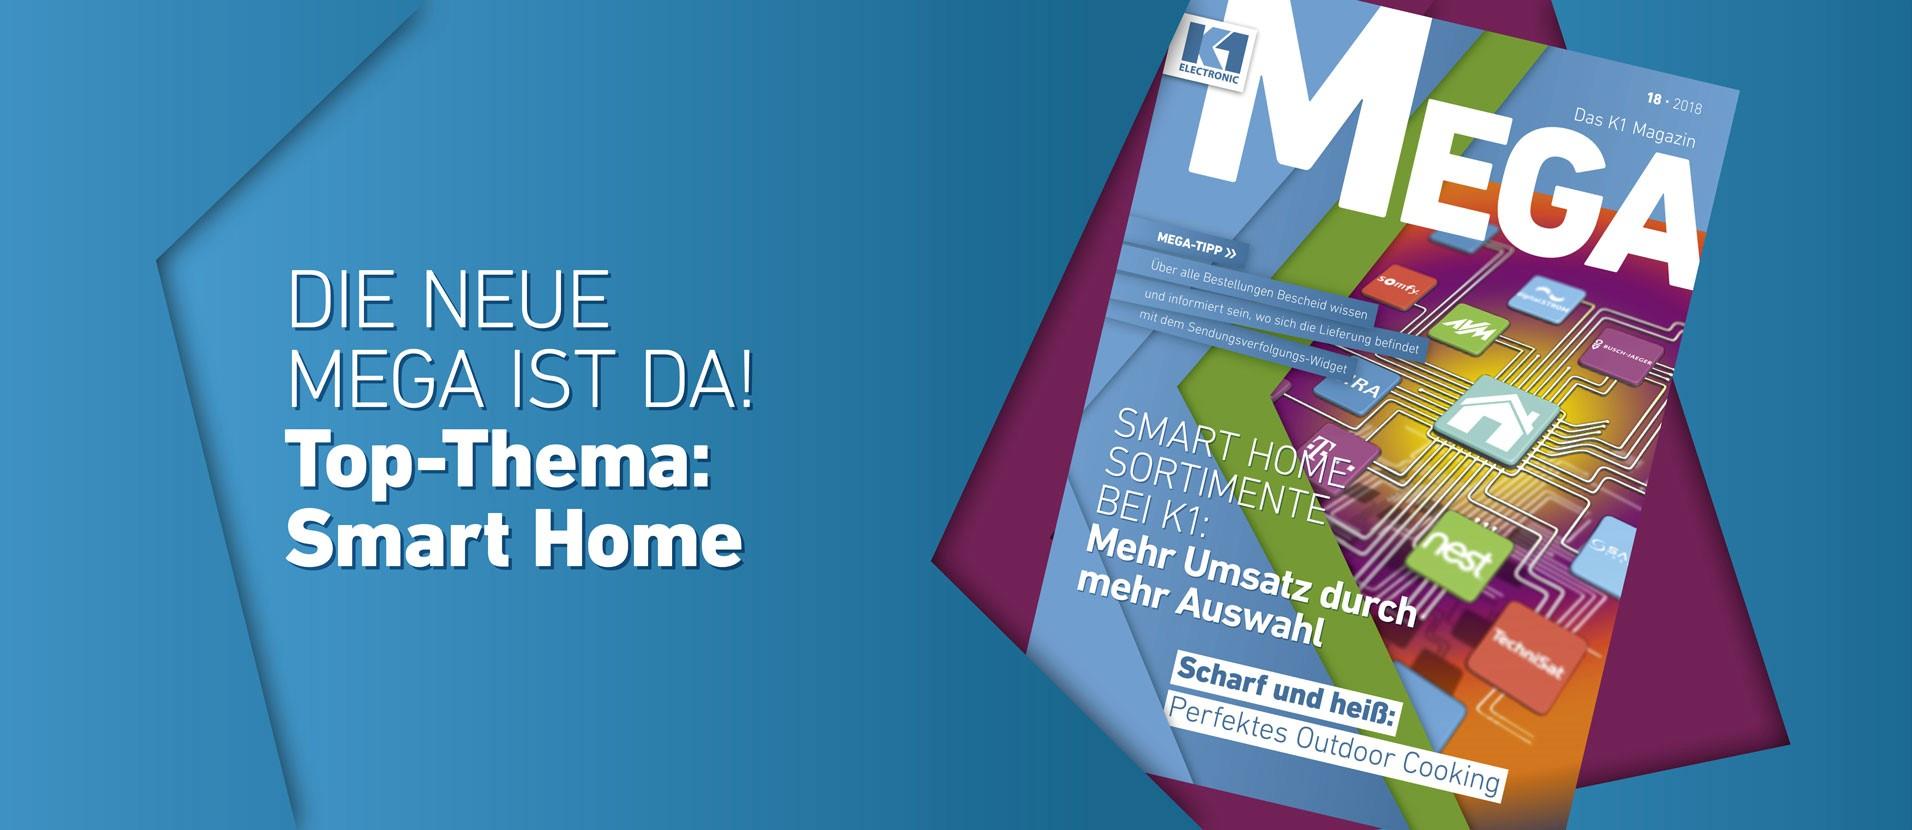 MEGA 18 - Das K1 Magazin